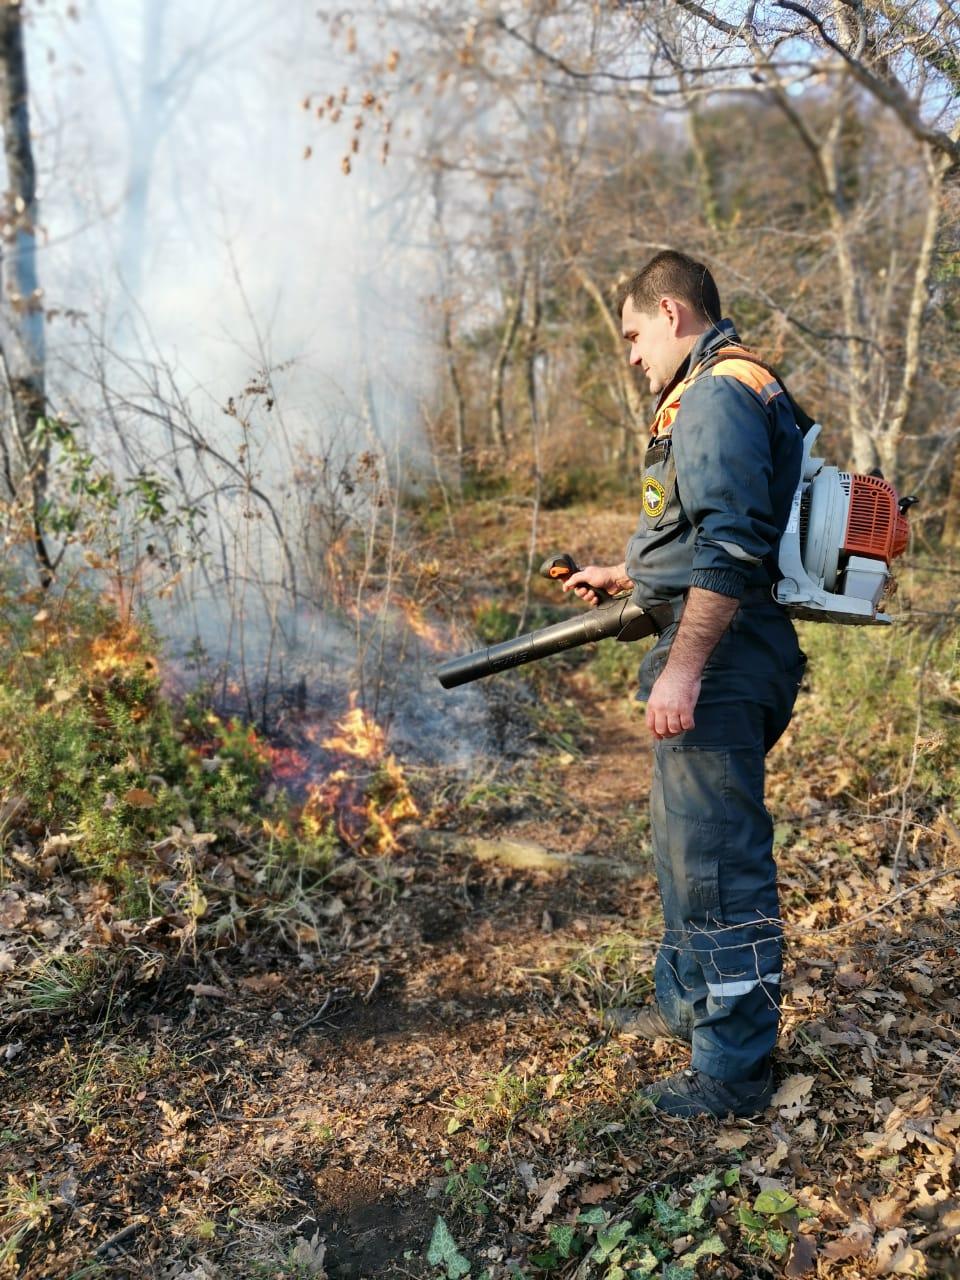 Соблюдайте осторожность при обращении с огнем!